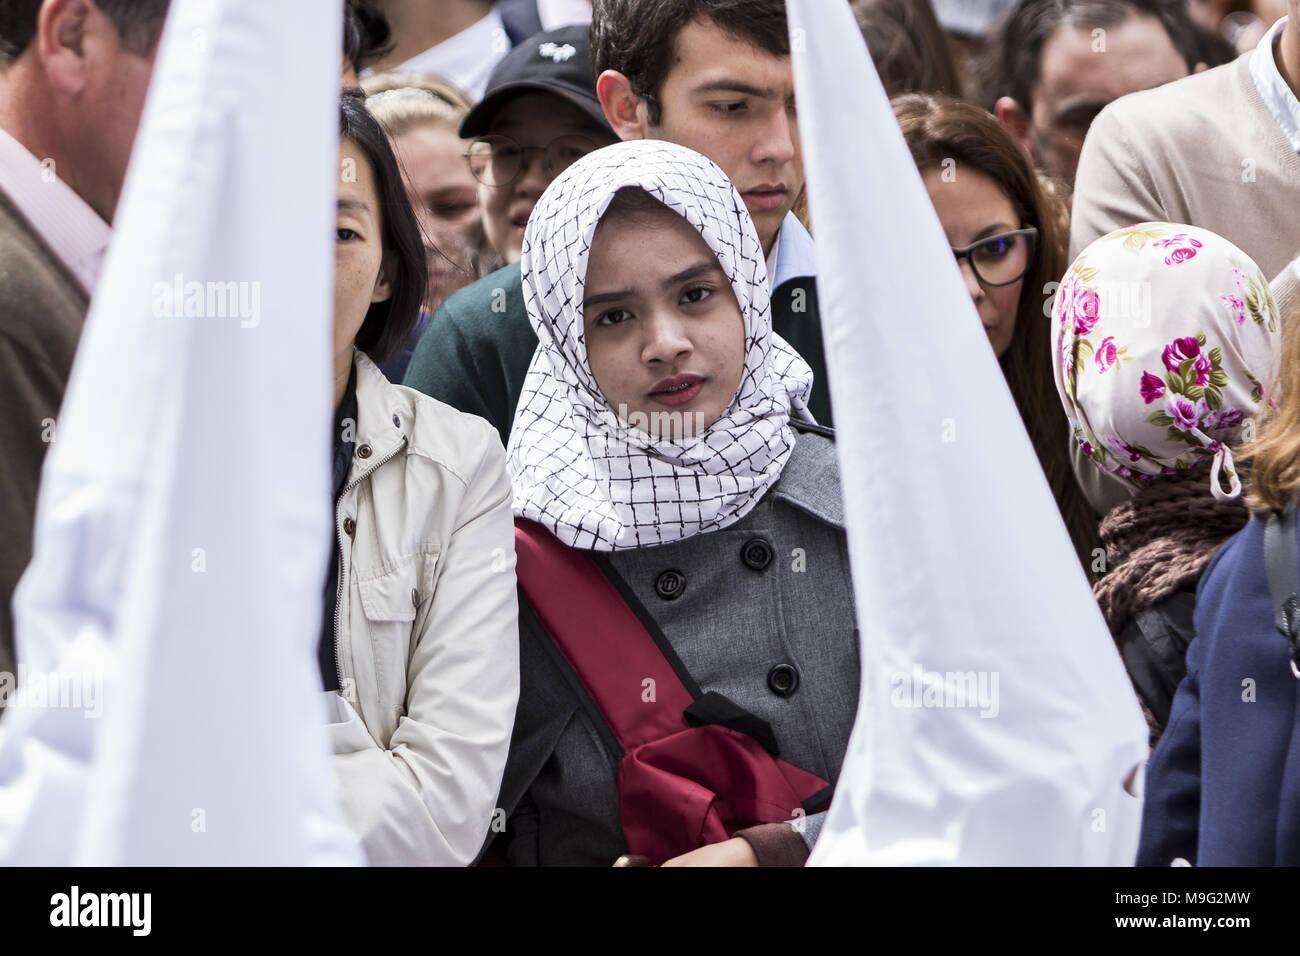 Sevilla, Spanien. 25 Mär, 2018. Ein muslimisches Mädchen nimmt die Prozession der Bruderschaft namens ''La Borriquita'' während der Parade zu Kathedrale am Palmsonntag, Tag namens Domingo de Ramos in Spanisch. Credit: Daniel Gonzalez Acuna/ZUMA Draht/Alamy leben Nachrichten Stockfoto